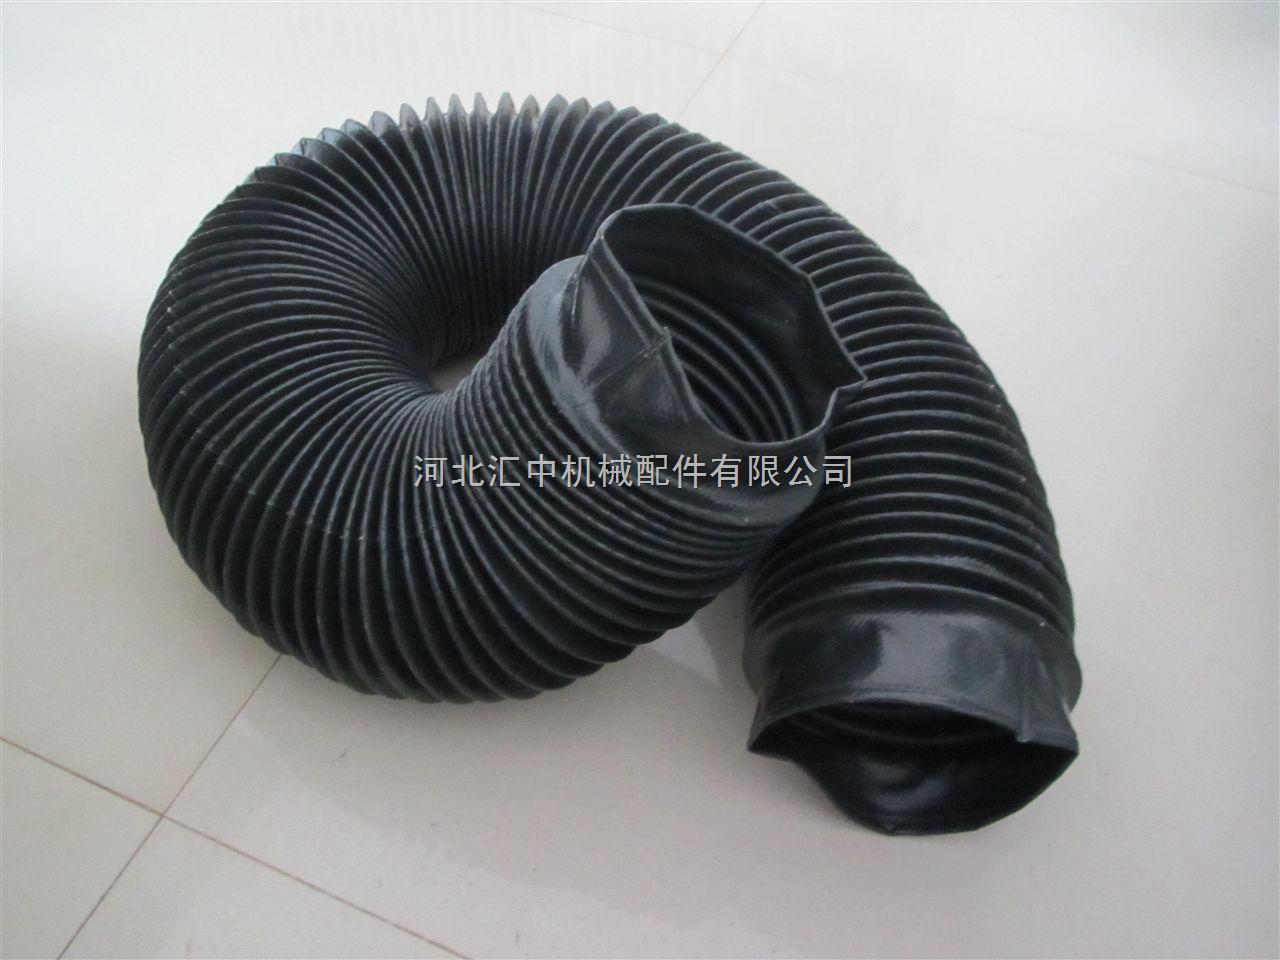 气缸保护套 气缸防尘套 气缸防护罩,汇中更专业